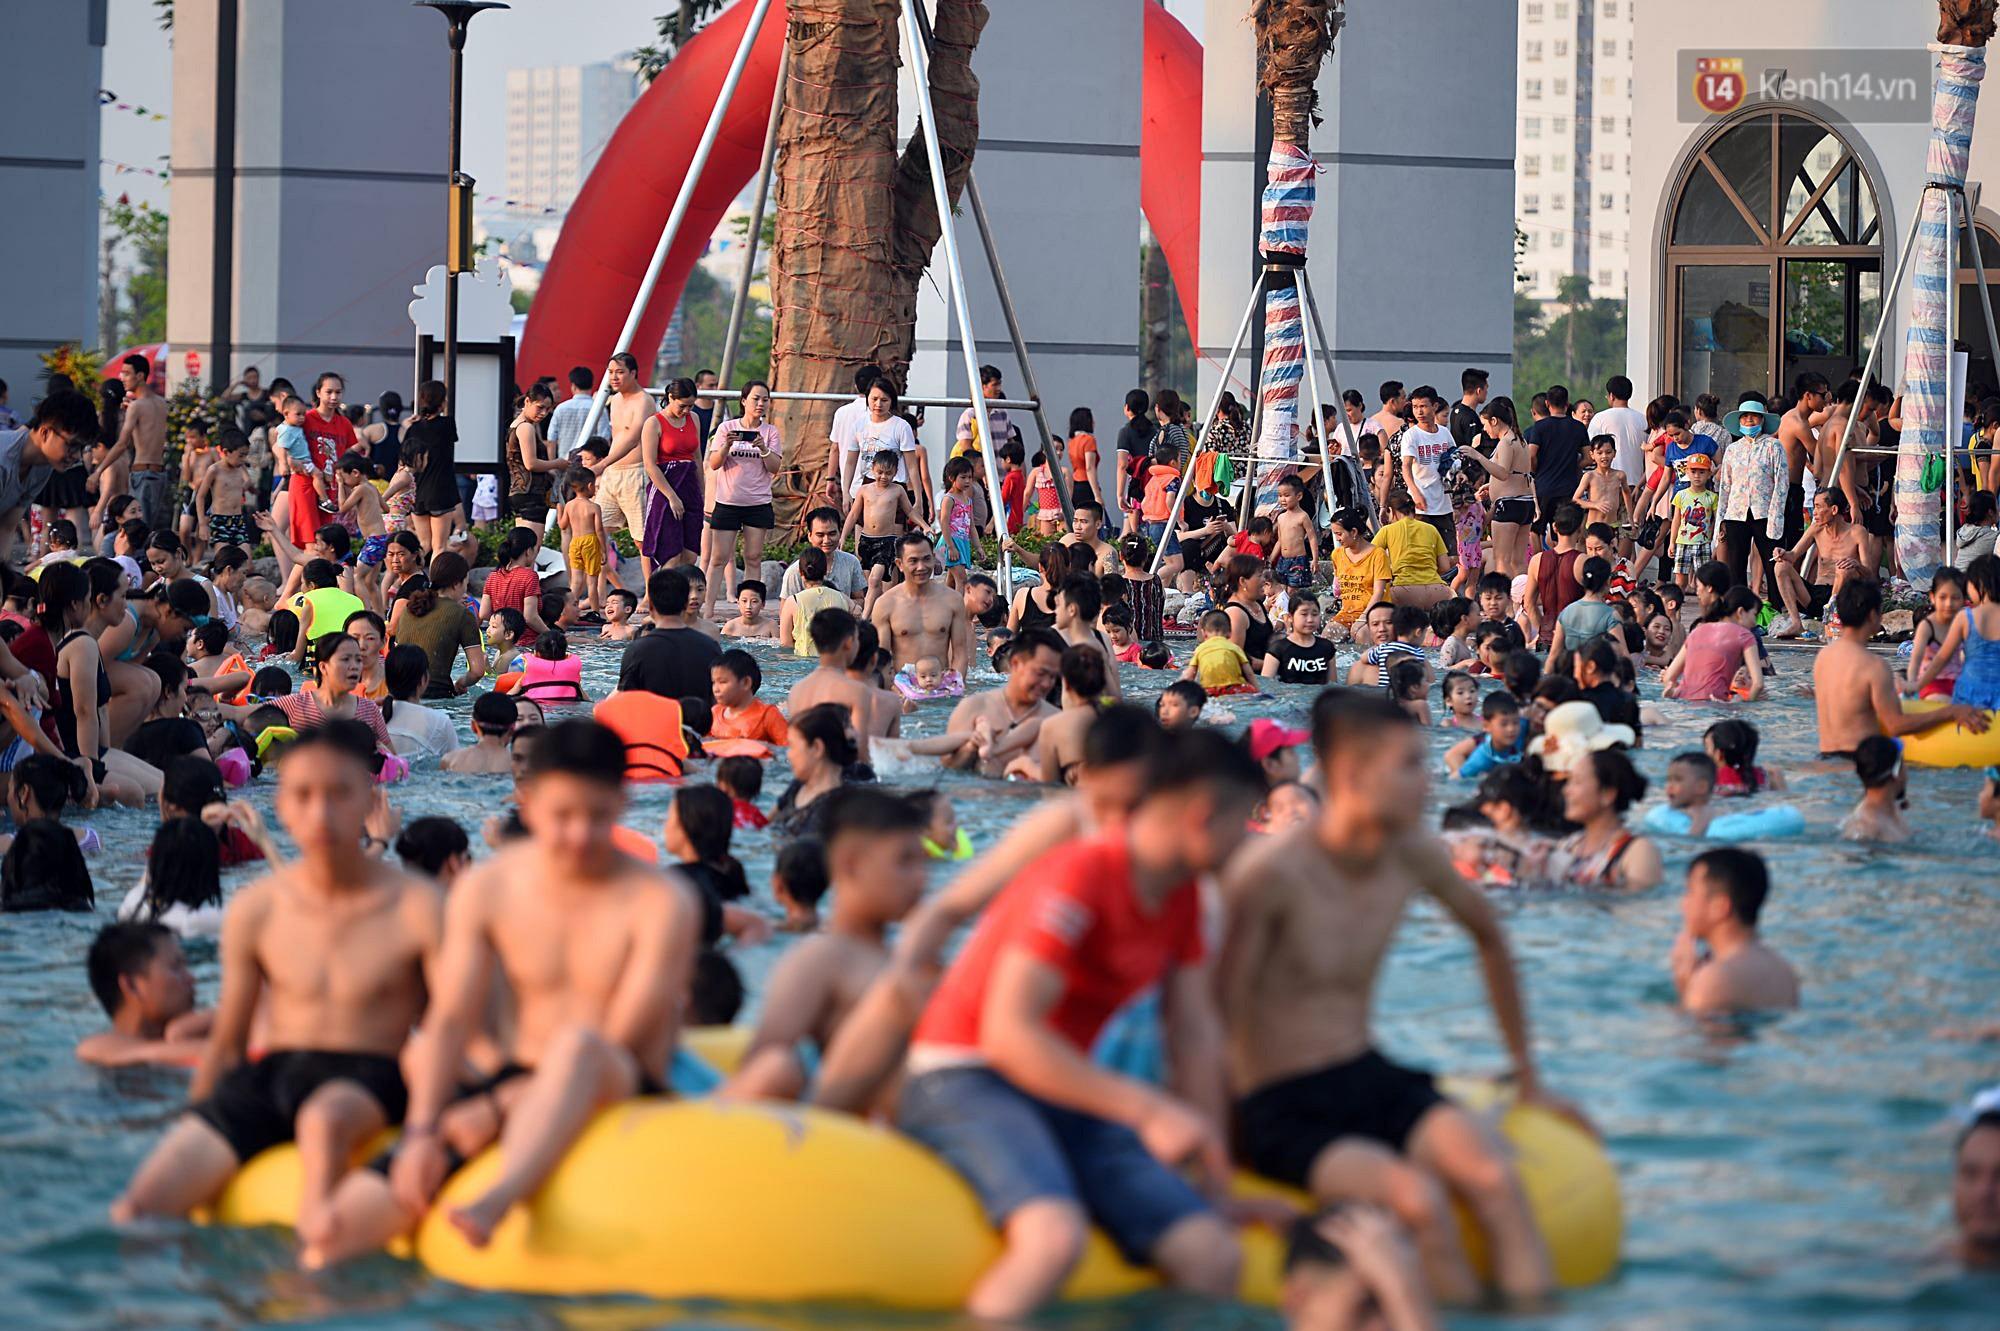 Lượng khách đổ về công viên nước hiện đại nhất Thủ đô tăng đột biến vào buổi chiều ngày khai trương - Ảnh 1.